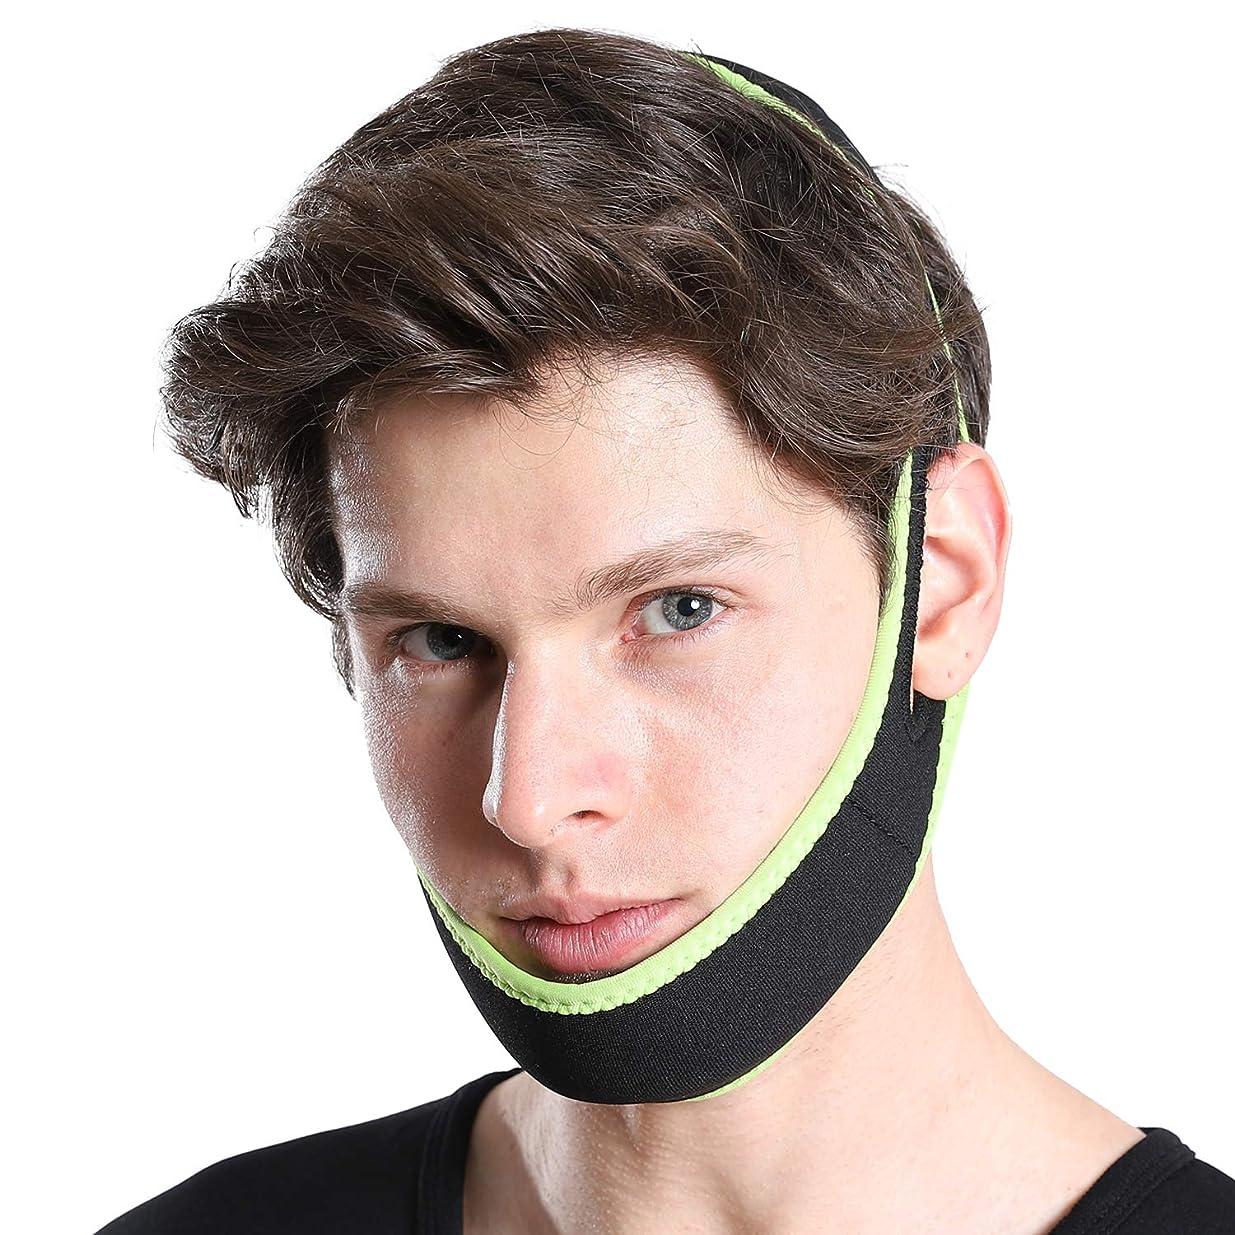 マット遷移口ELPIRKA 小顔マスク メンズ ゲルマニウムチタン 配合で 顔痩せ 小顔 リフトアップ!